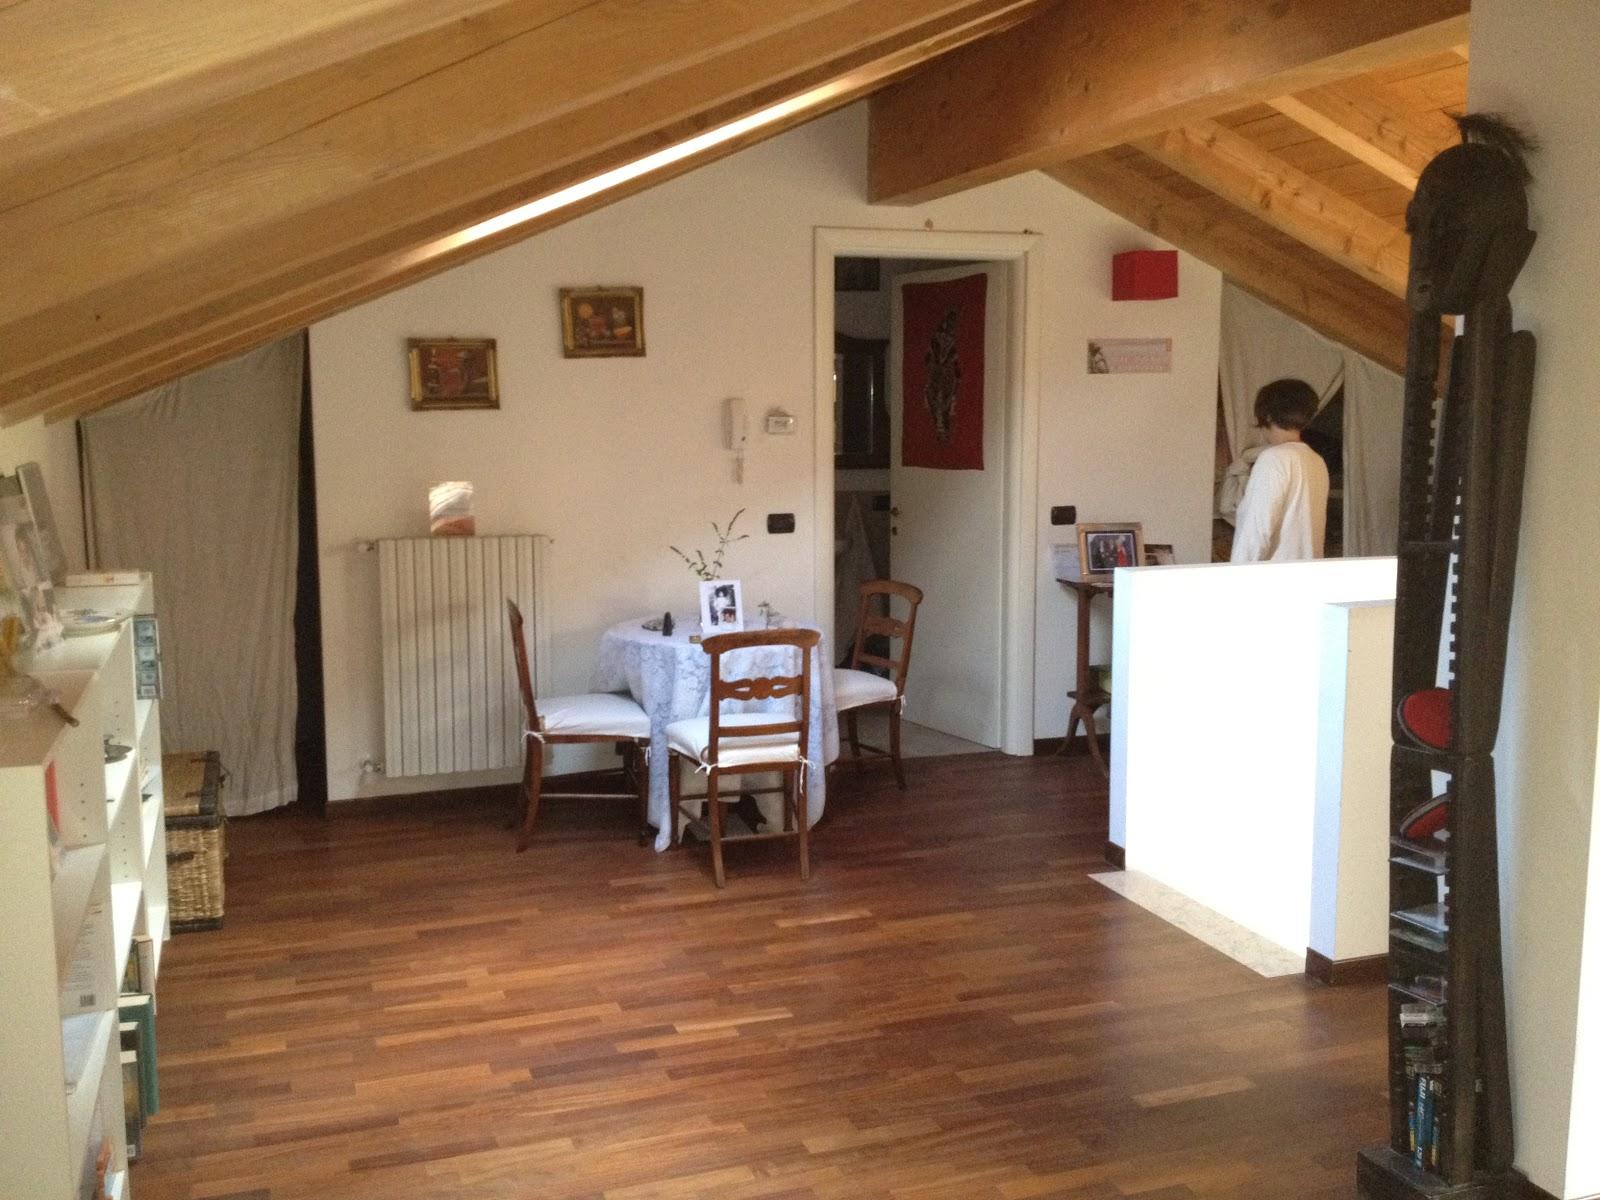 ... la nostra bella casa a Peschiera Borromeo: Mansarda con travi a vista